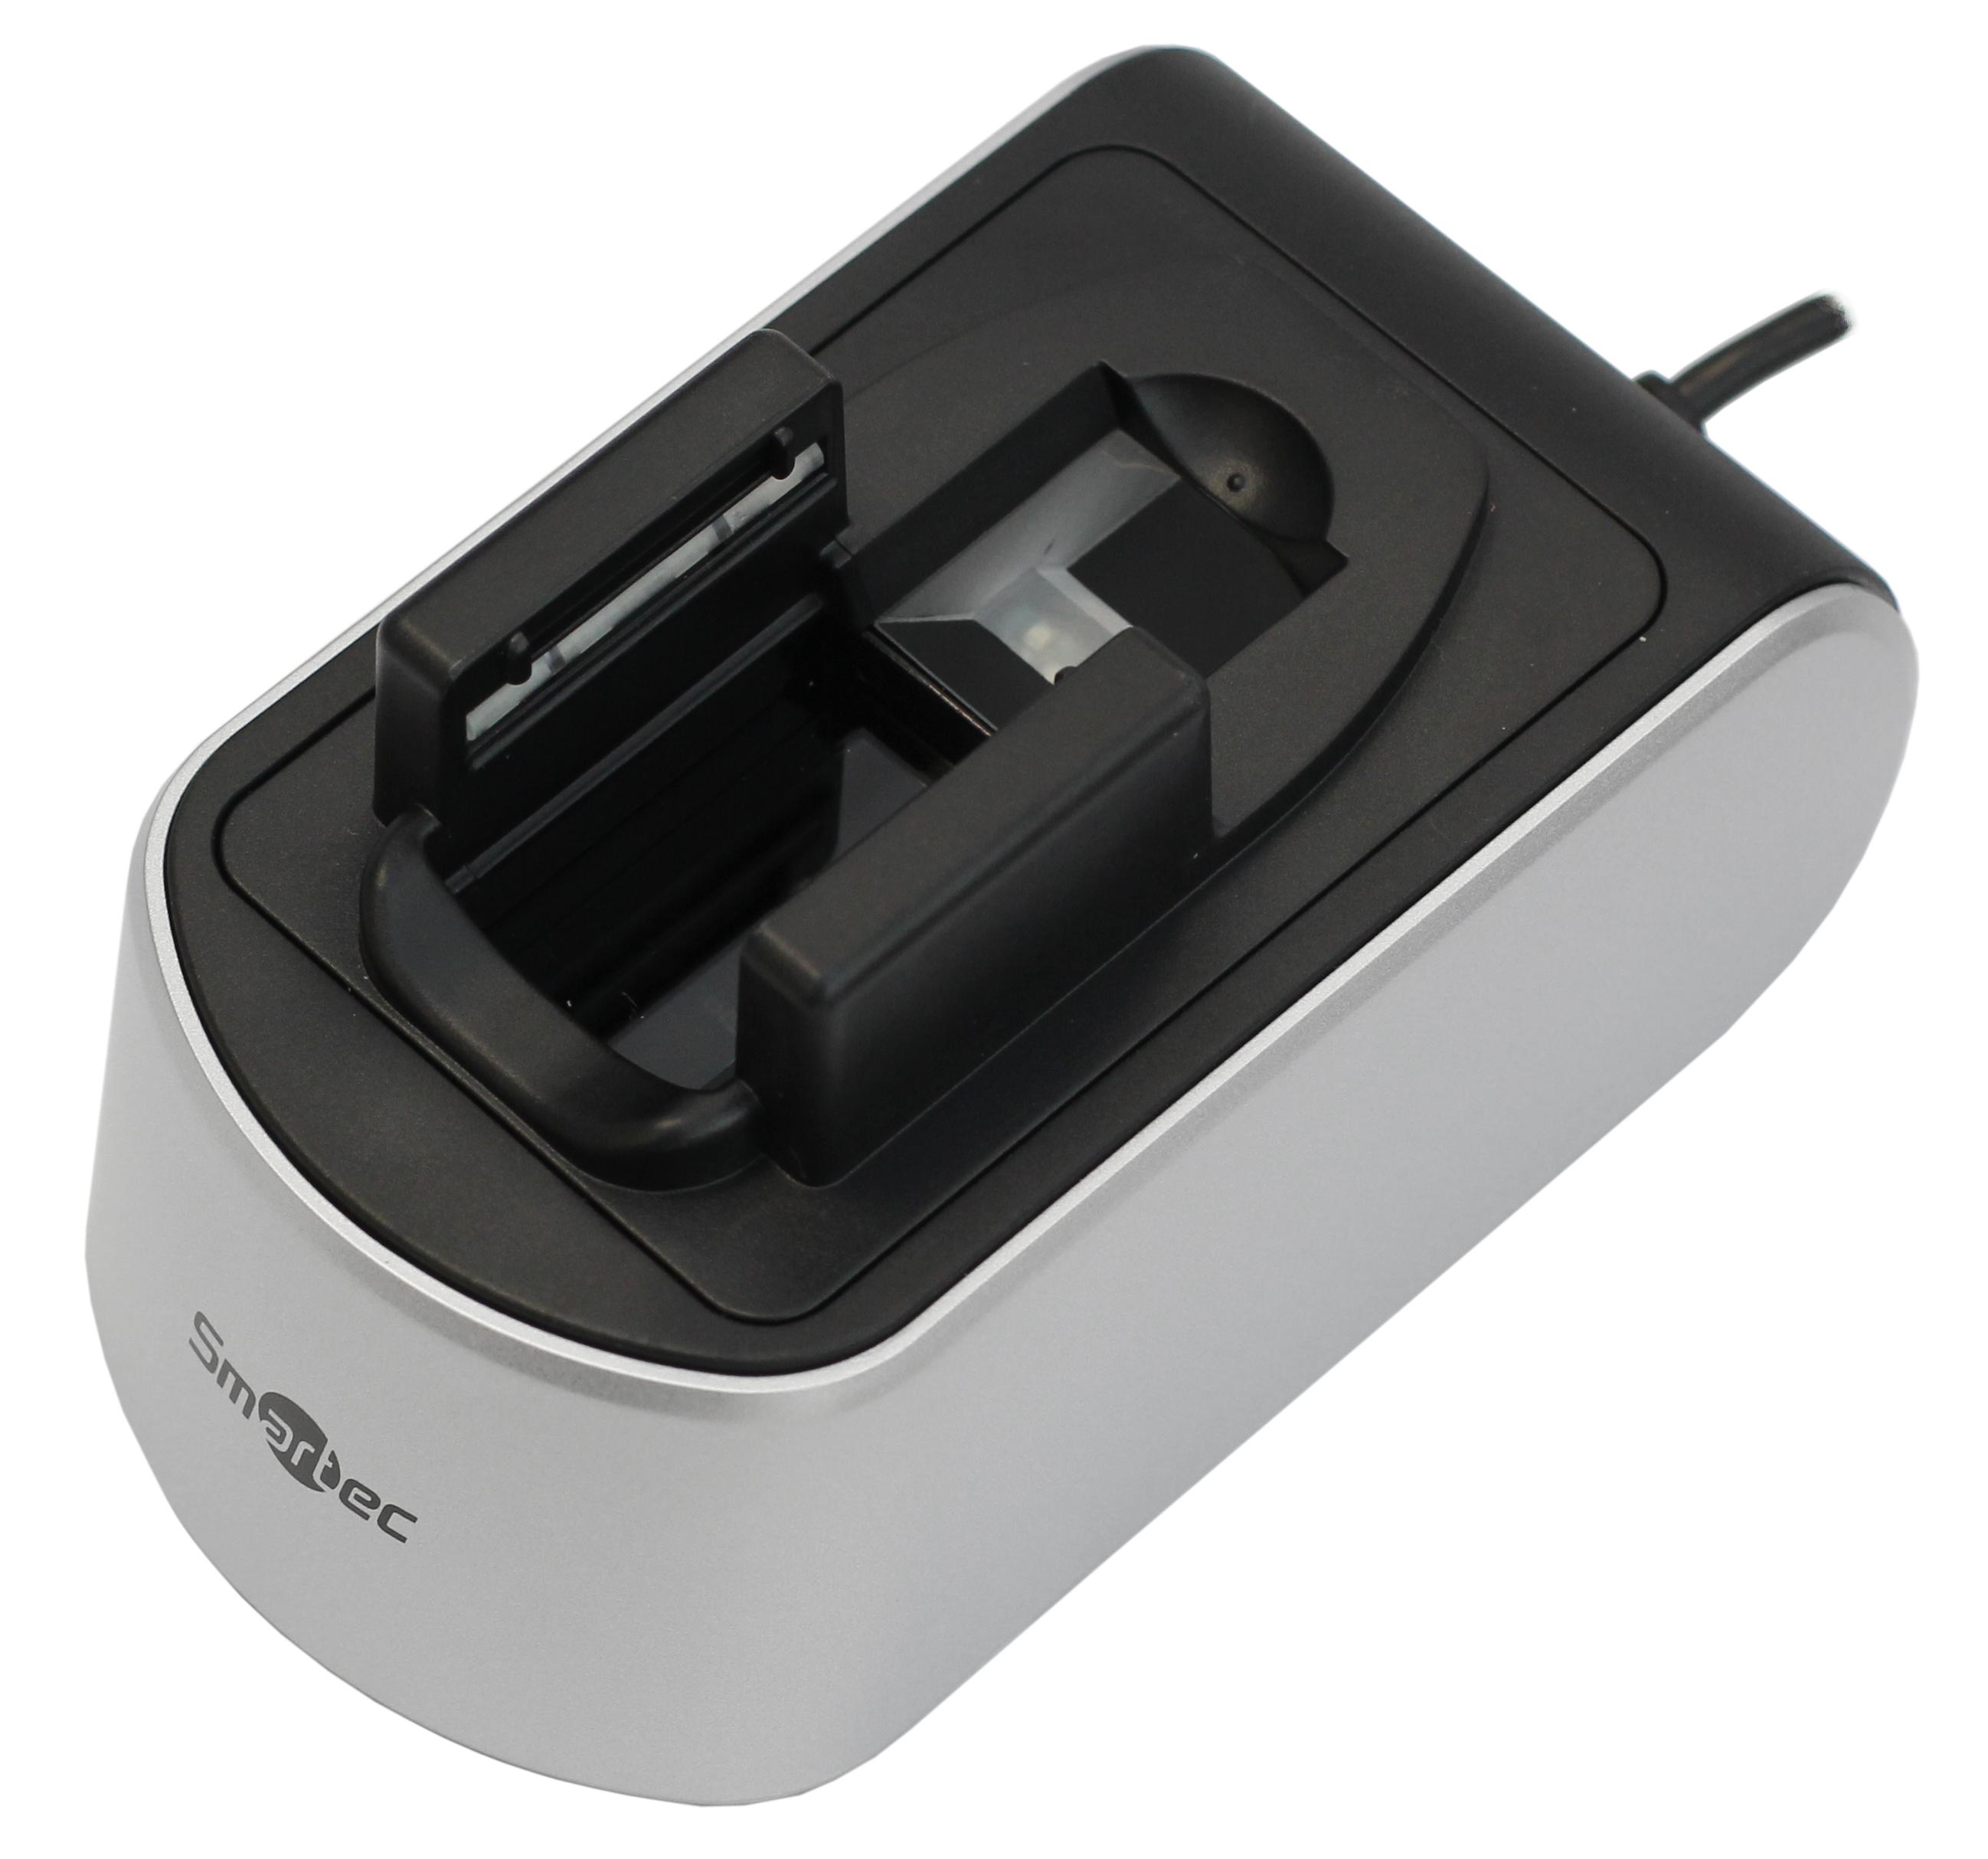 Комбинированный биометрический сканер пальца Smartec ST-FE100 для создания шаблонов СКУД